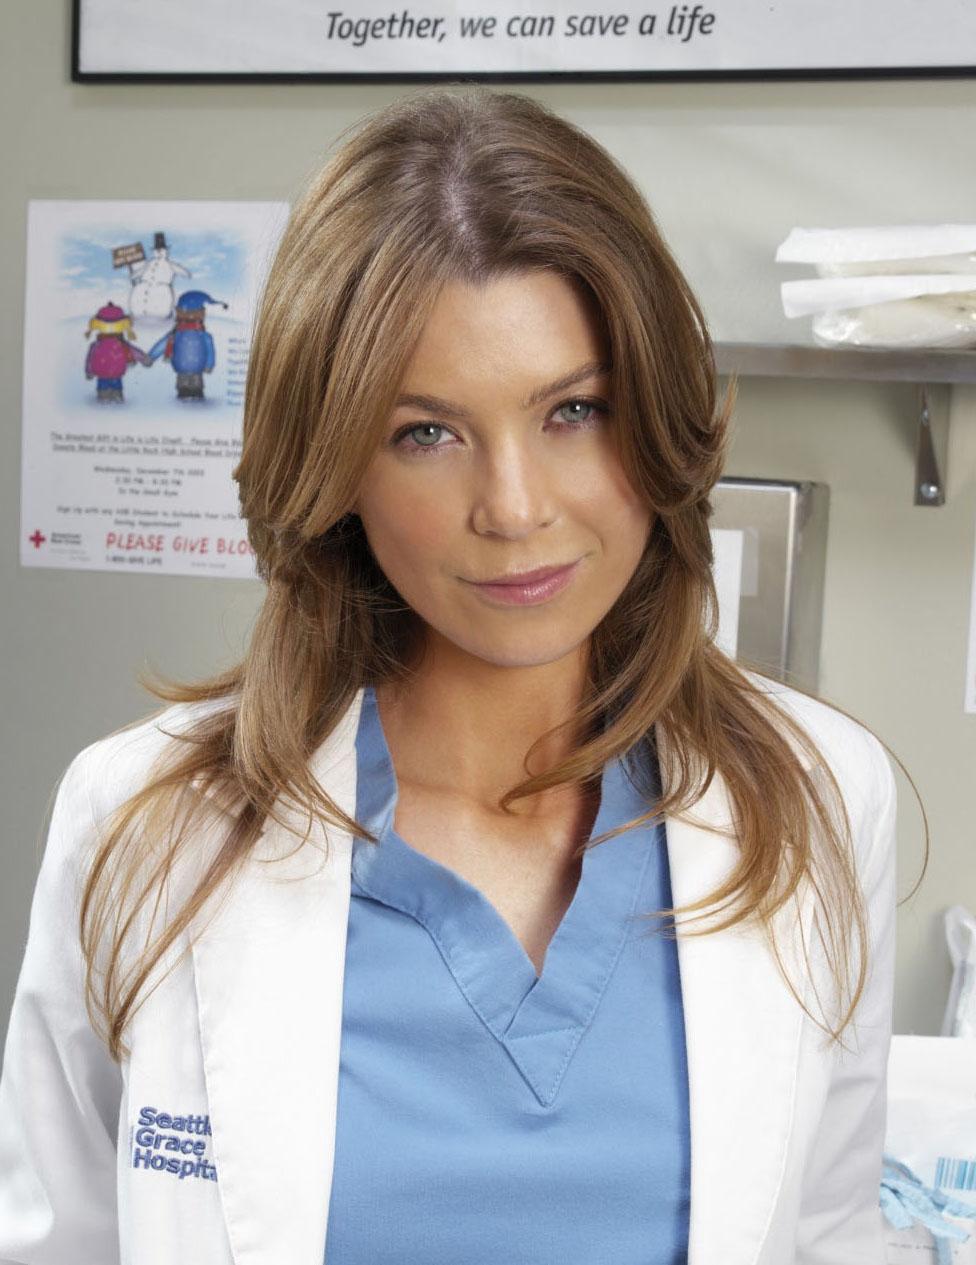 Un nuevo hermano para Meredith Grey? - Series Adictos